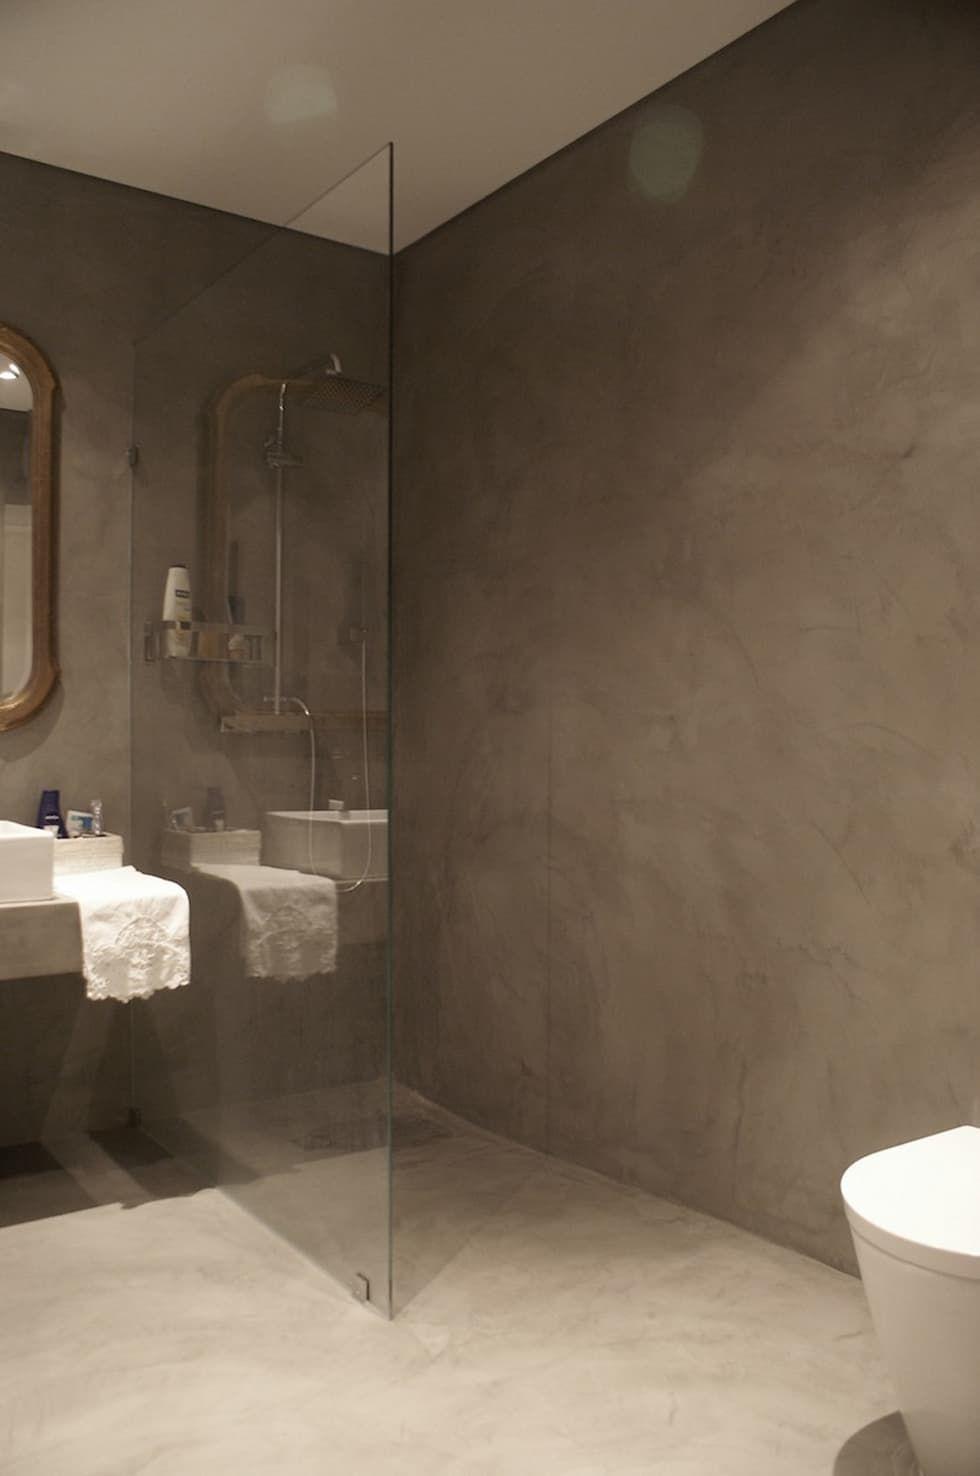 Fotos de decora o design de interiores e remodela es for Fotos apartamentos modernos